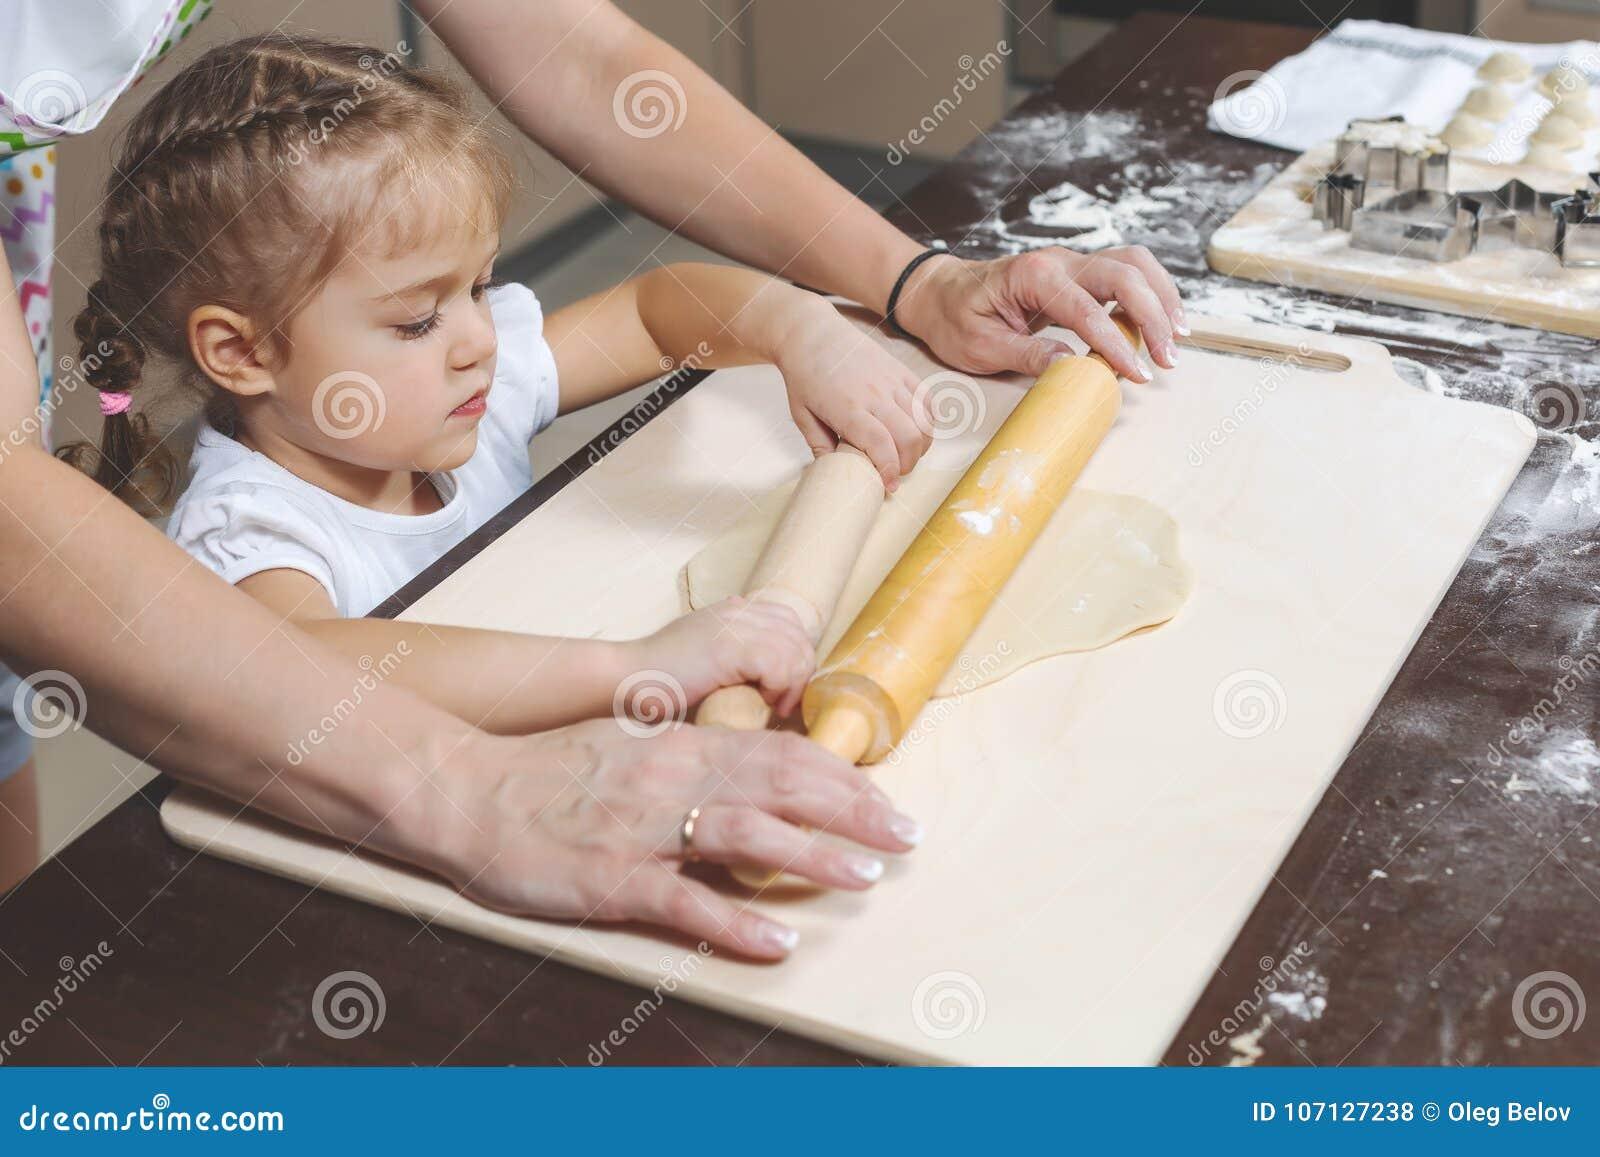 Mutter zeigt ihr Töchter, wie man Teig für die Herstellung von Mehlklößen bereitstellt